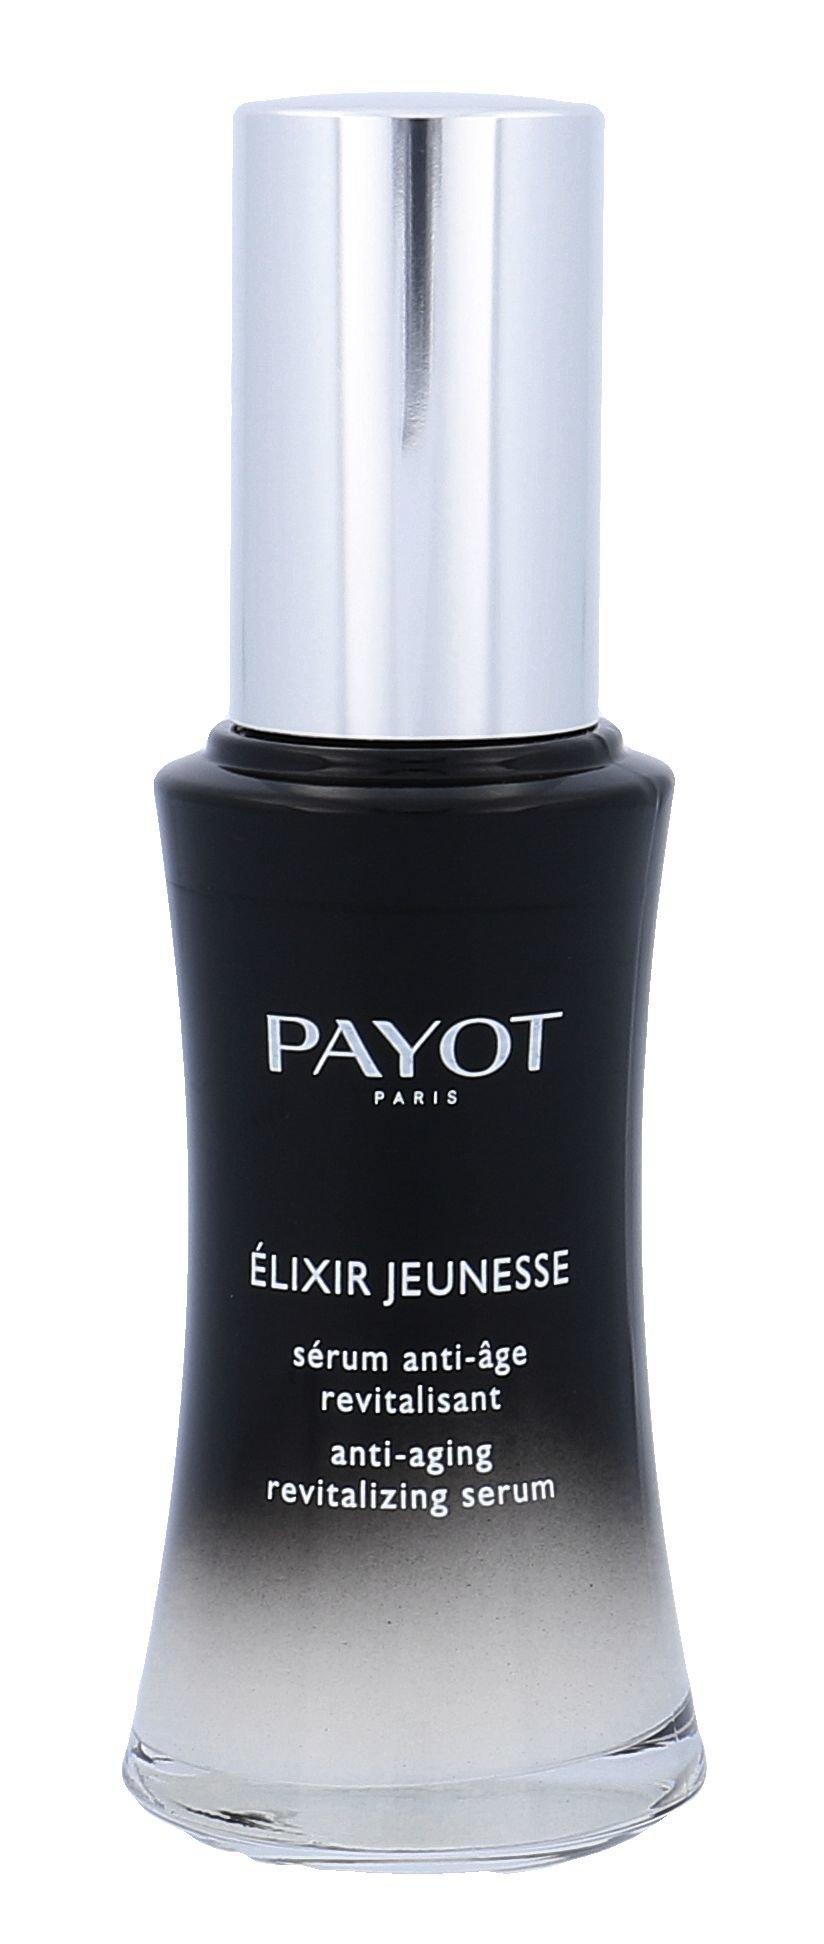 PAYOT Les Elixirs Cosmetic 30ml  Élixir Jeunesse